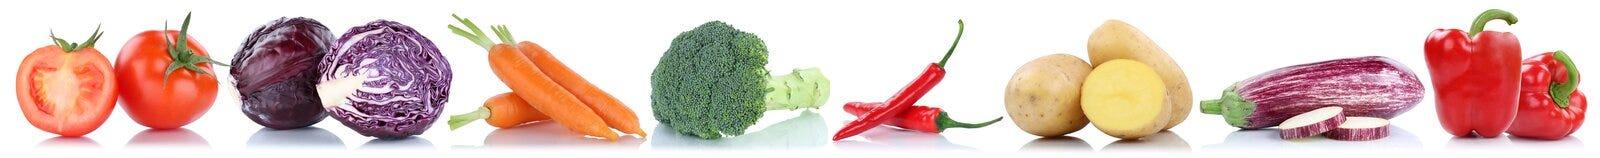 Cloche végétale p de tomates de pommes de terre de nourriture fraîche de carottes de légumes image libre de droits